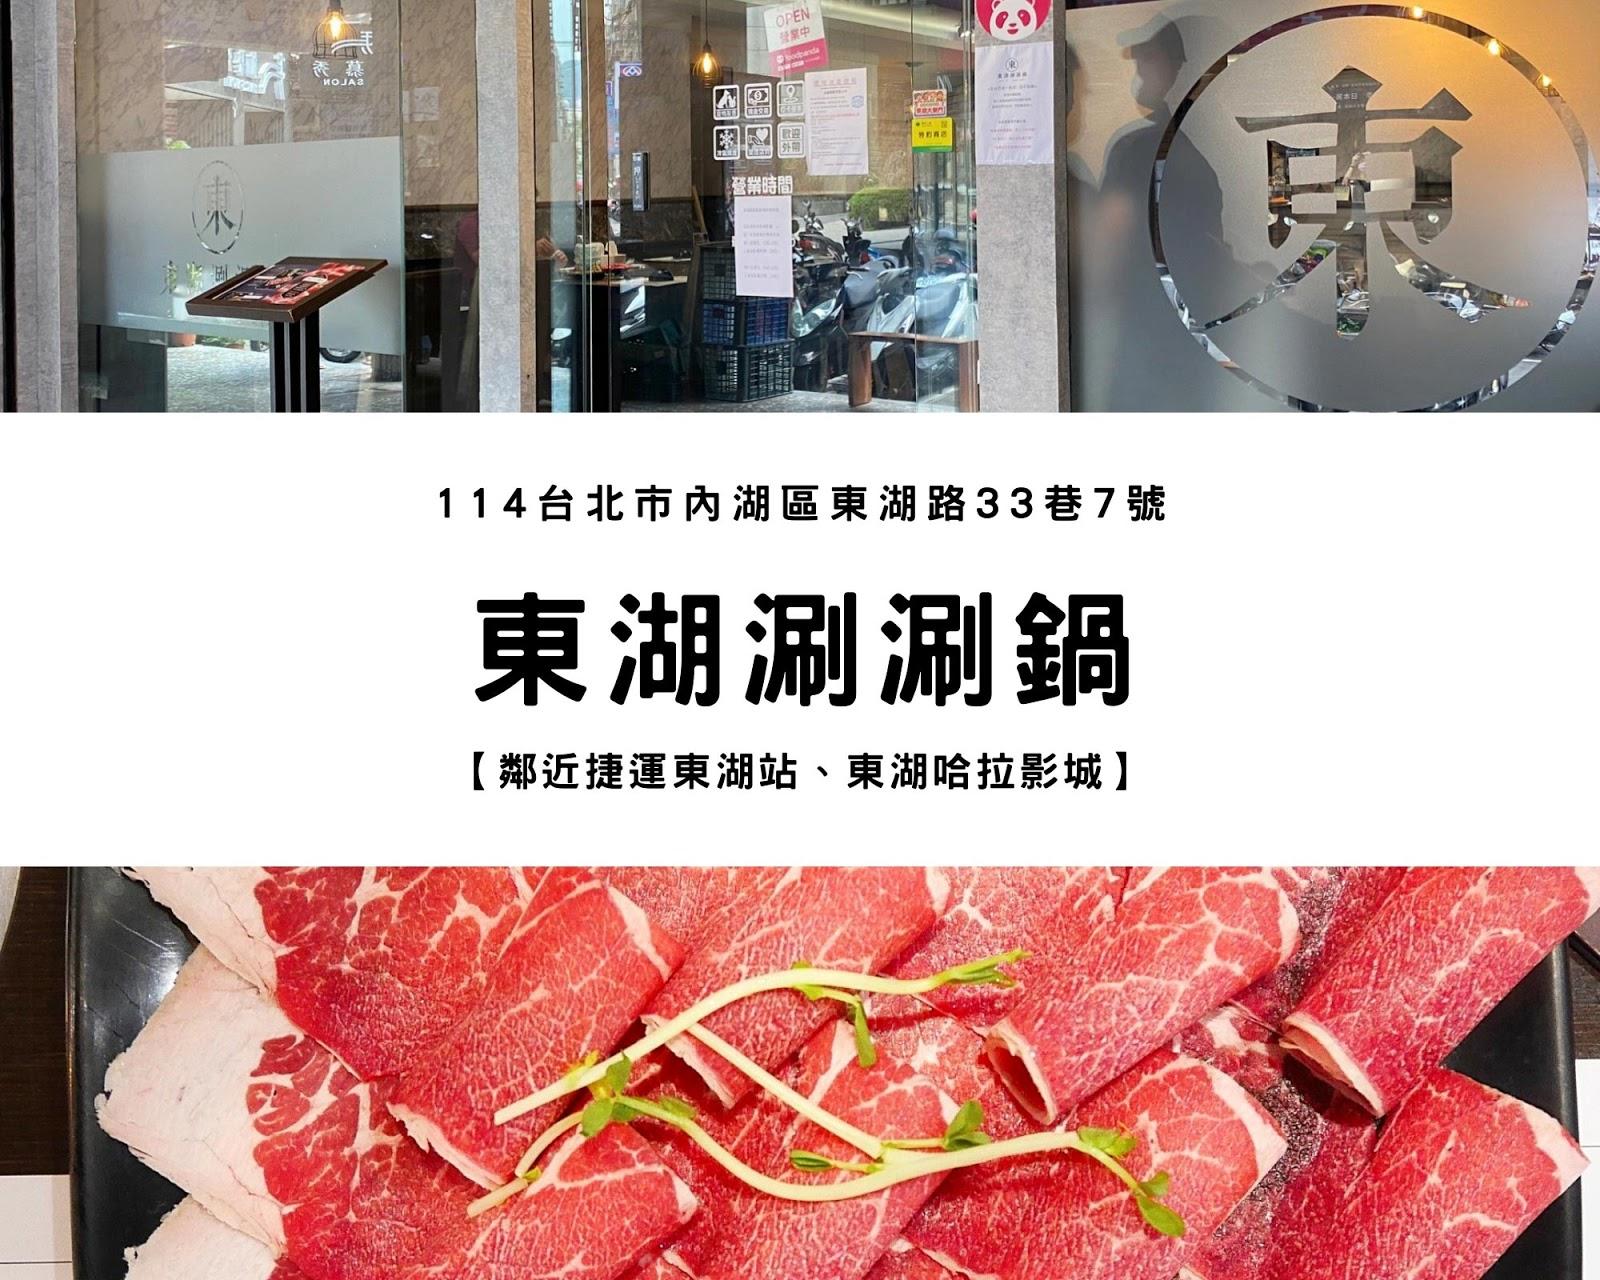 【捷運東湖站】東湖涮涮鍋|吃得到滿滿蔬菜、環境乾淨又舒適的美味火鍋